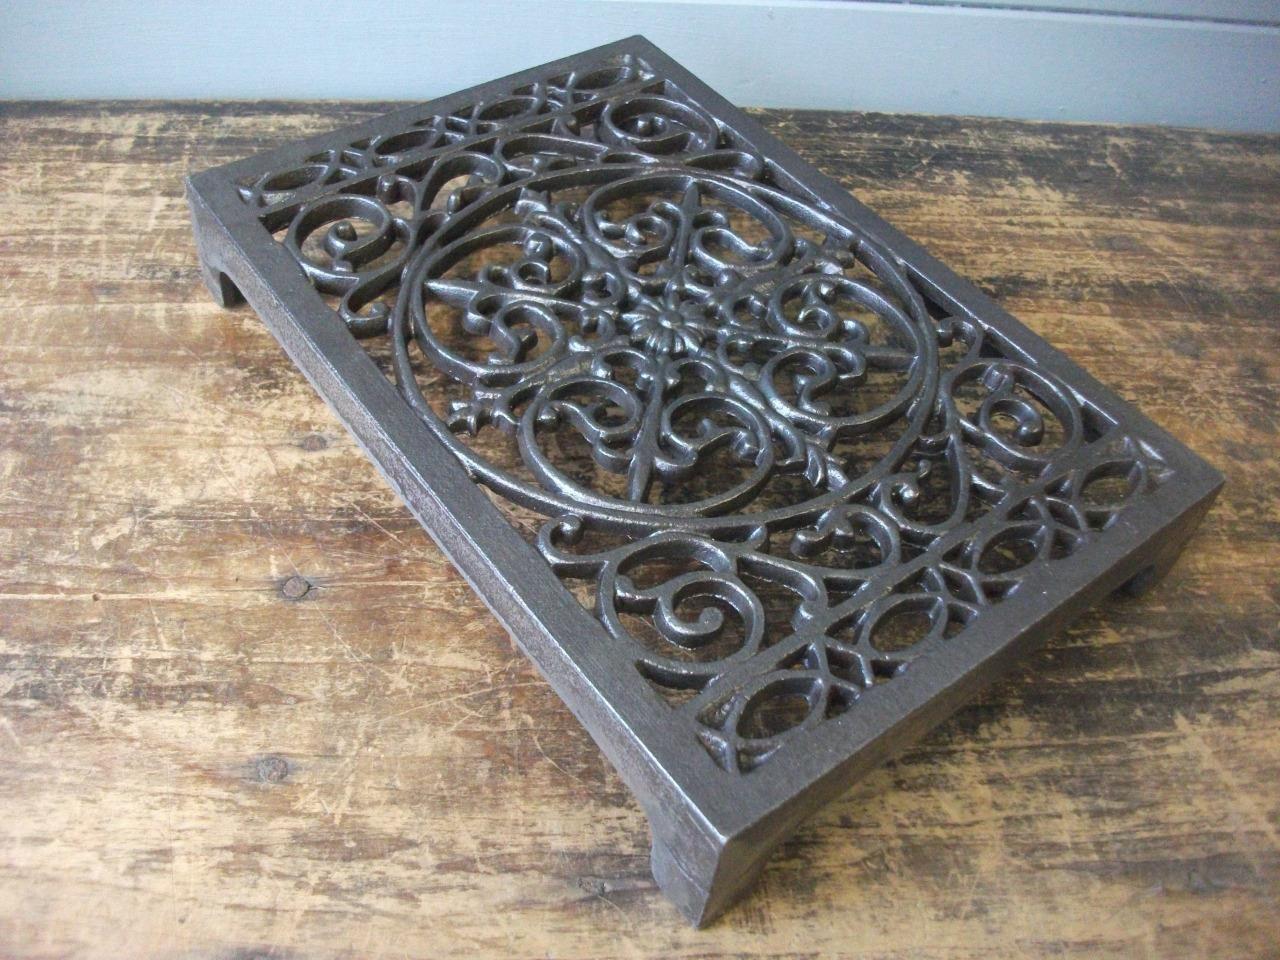 2 x 8x7 CAST IRON VICTORIAN SHELF CISTERN BRACKETS GOTHIC HEAVY WHITE BR09wx2 Antiques Architectural & Garden